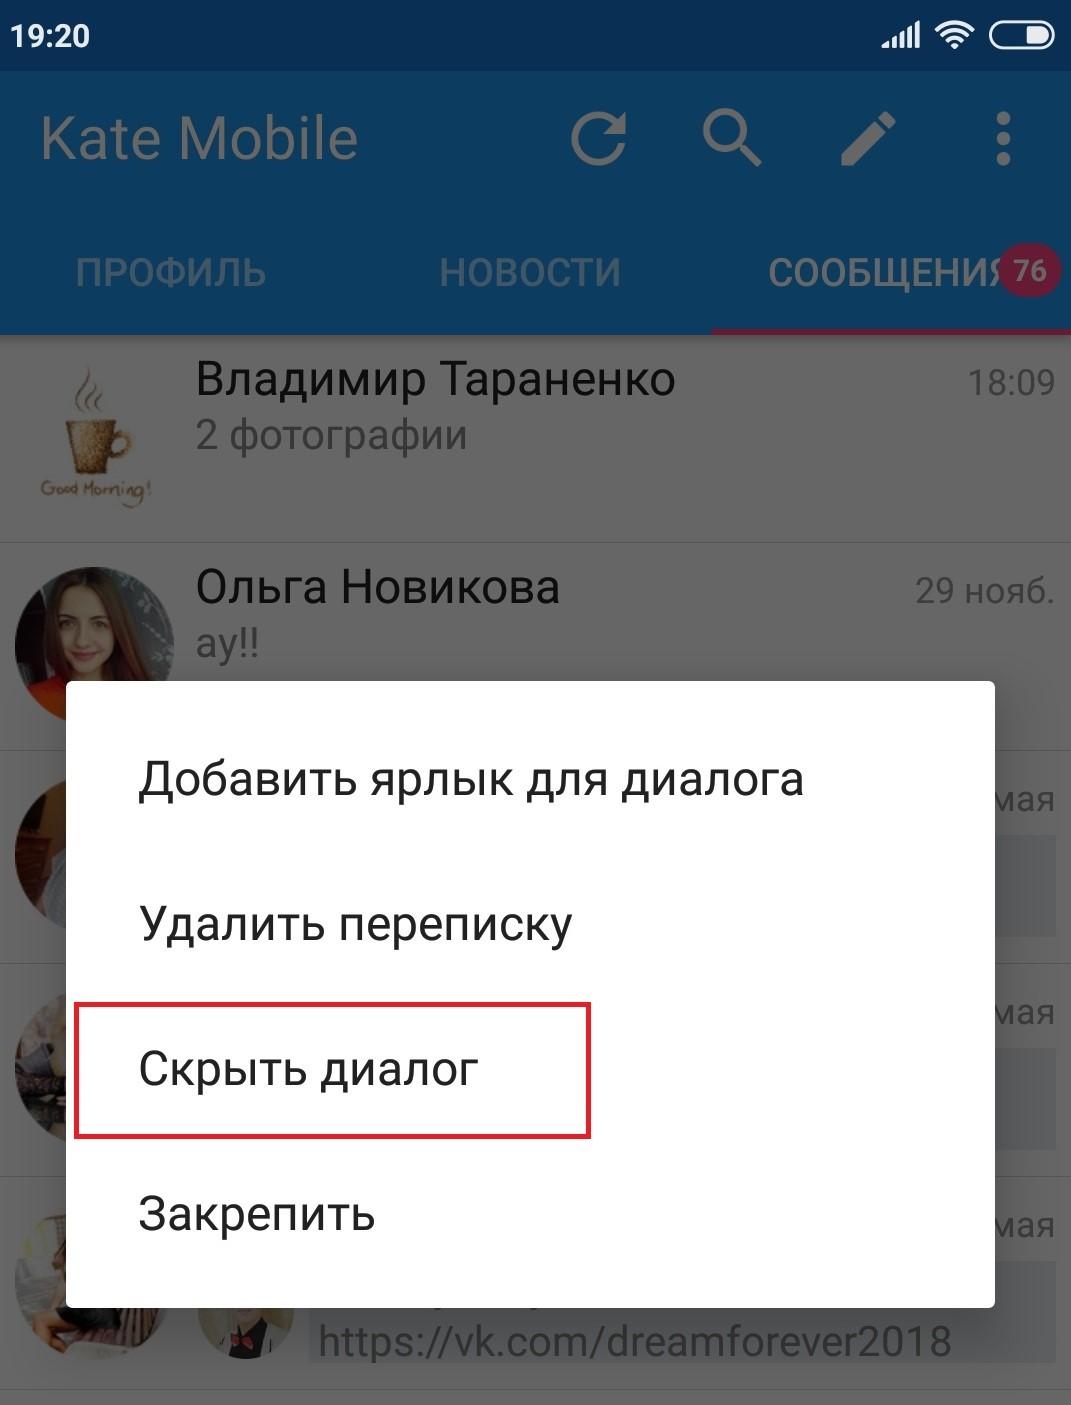 Скрытые диалоги Вконтакте